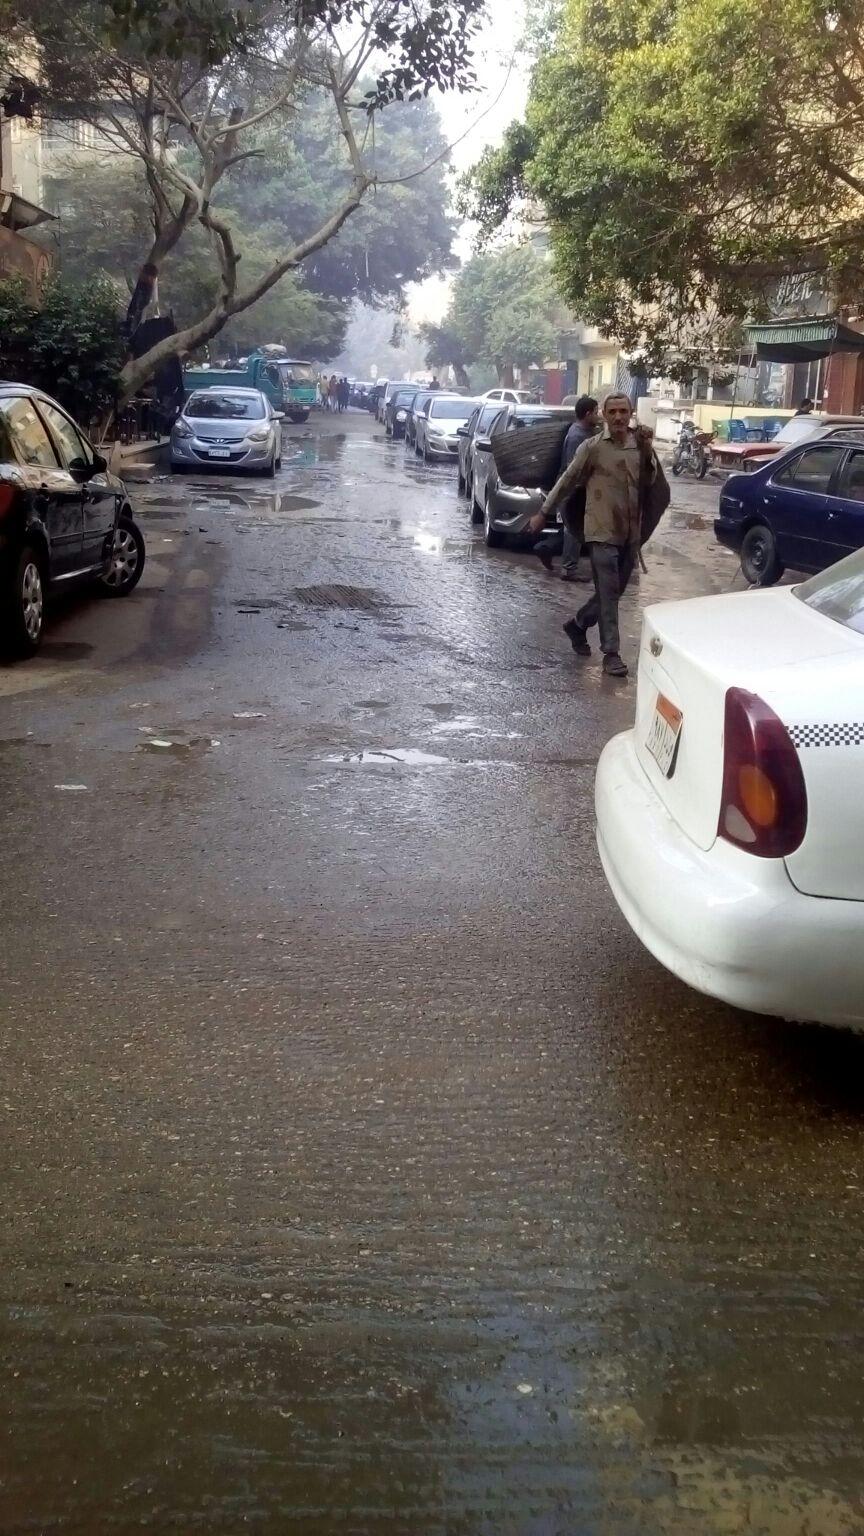 محافظ الجيزة يتجاهل إهدار مياه ماسورة انكسرت منذ 25 يومًا